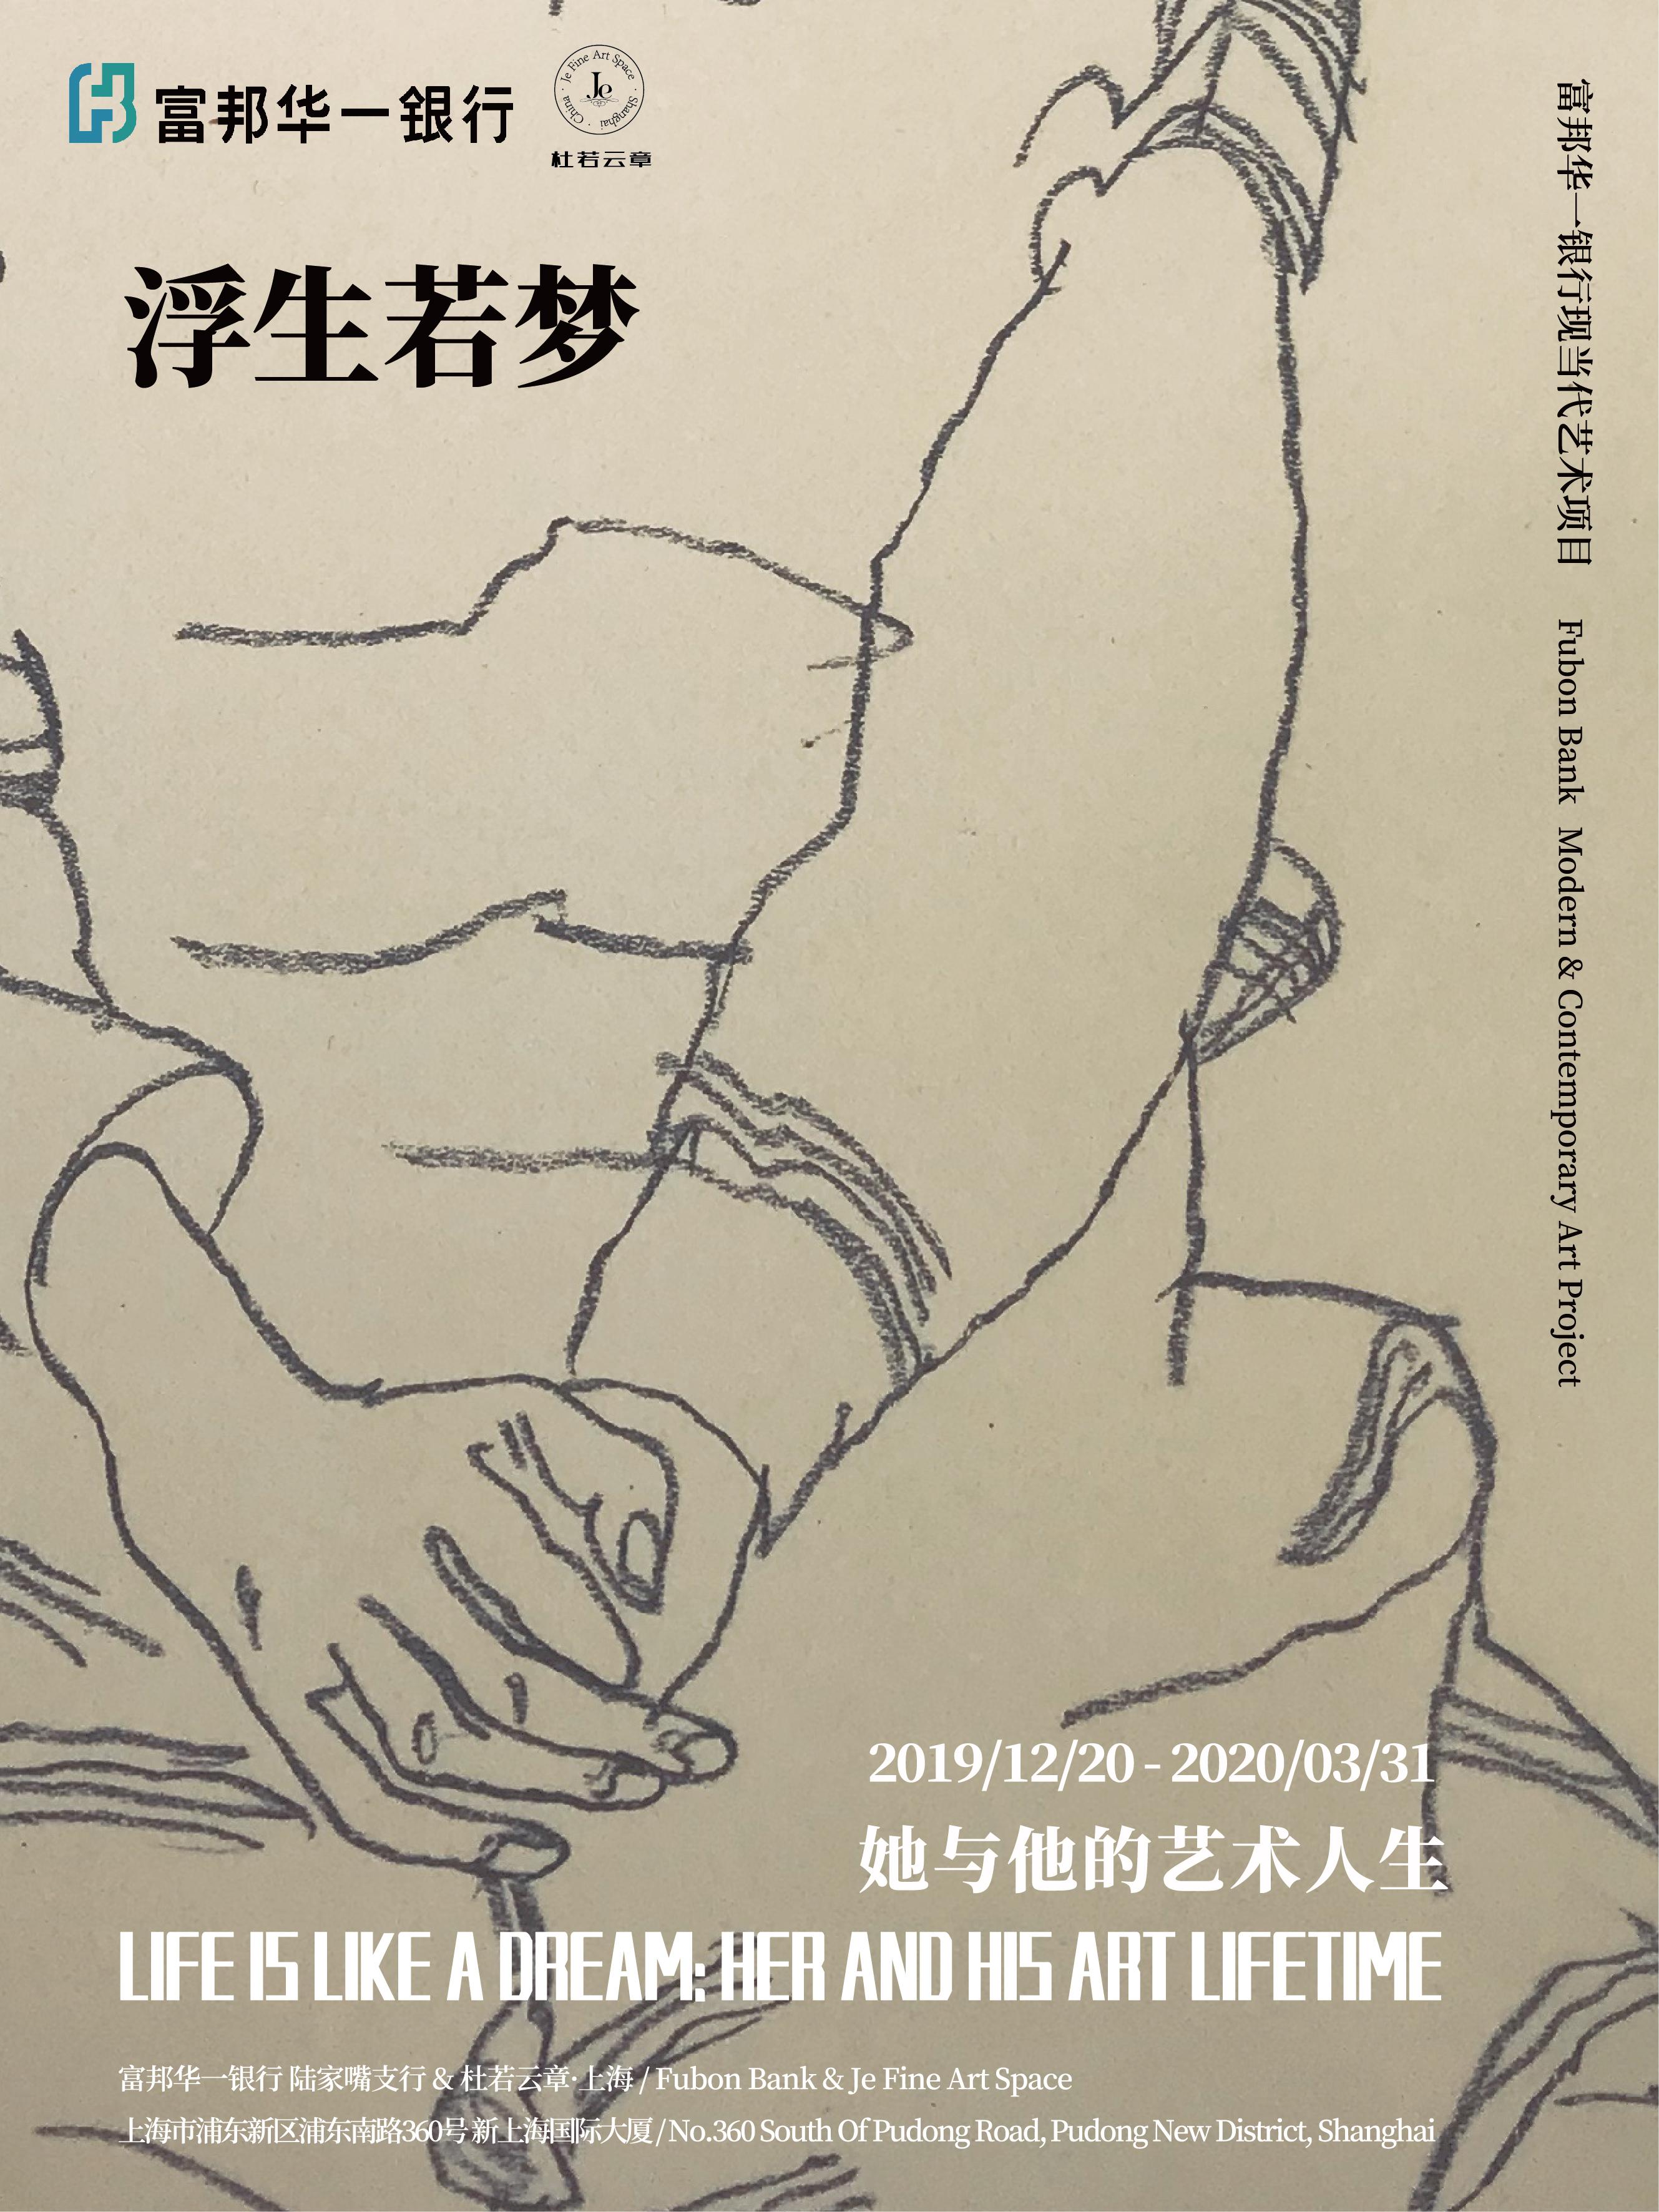 浮生若梦-海报 竖版